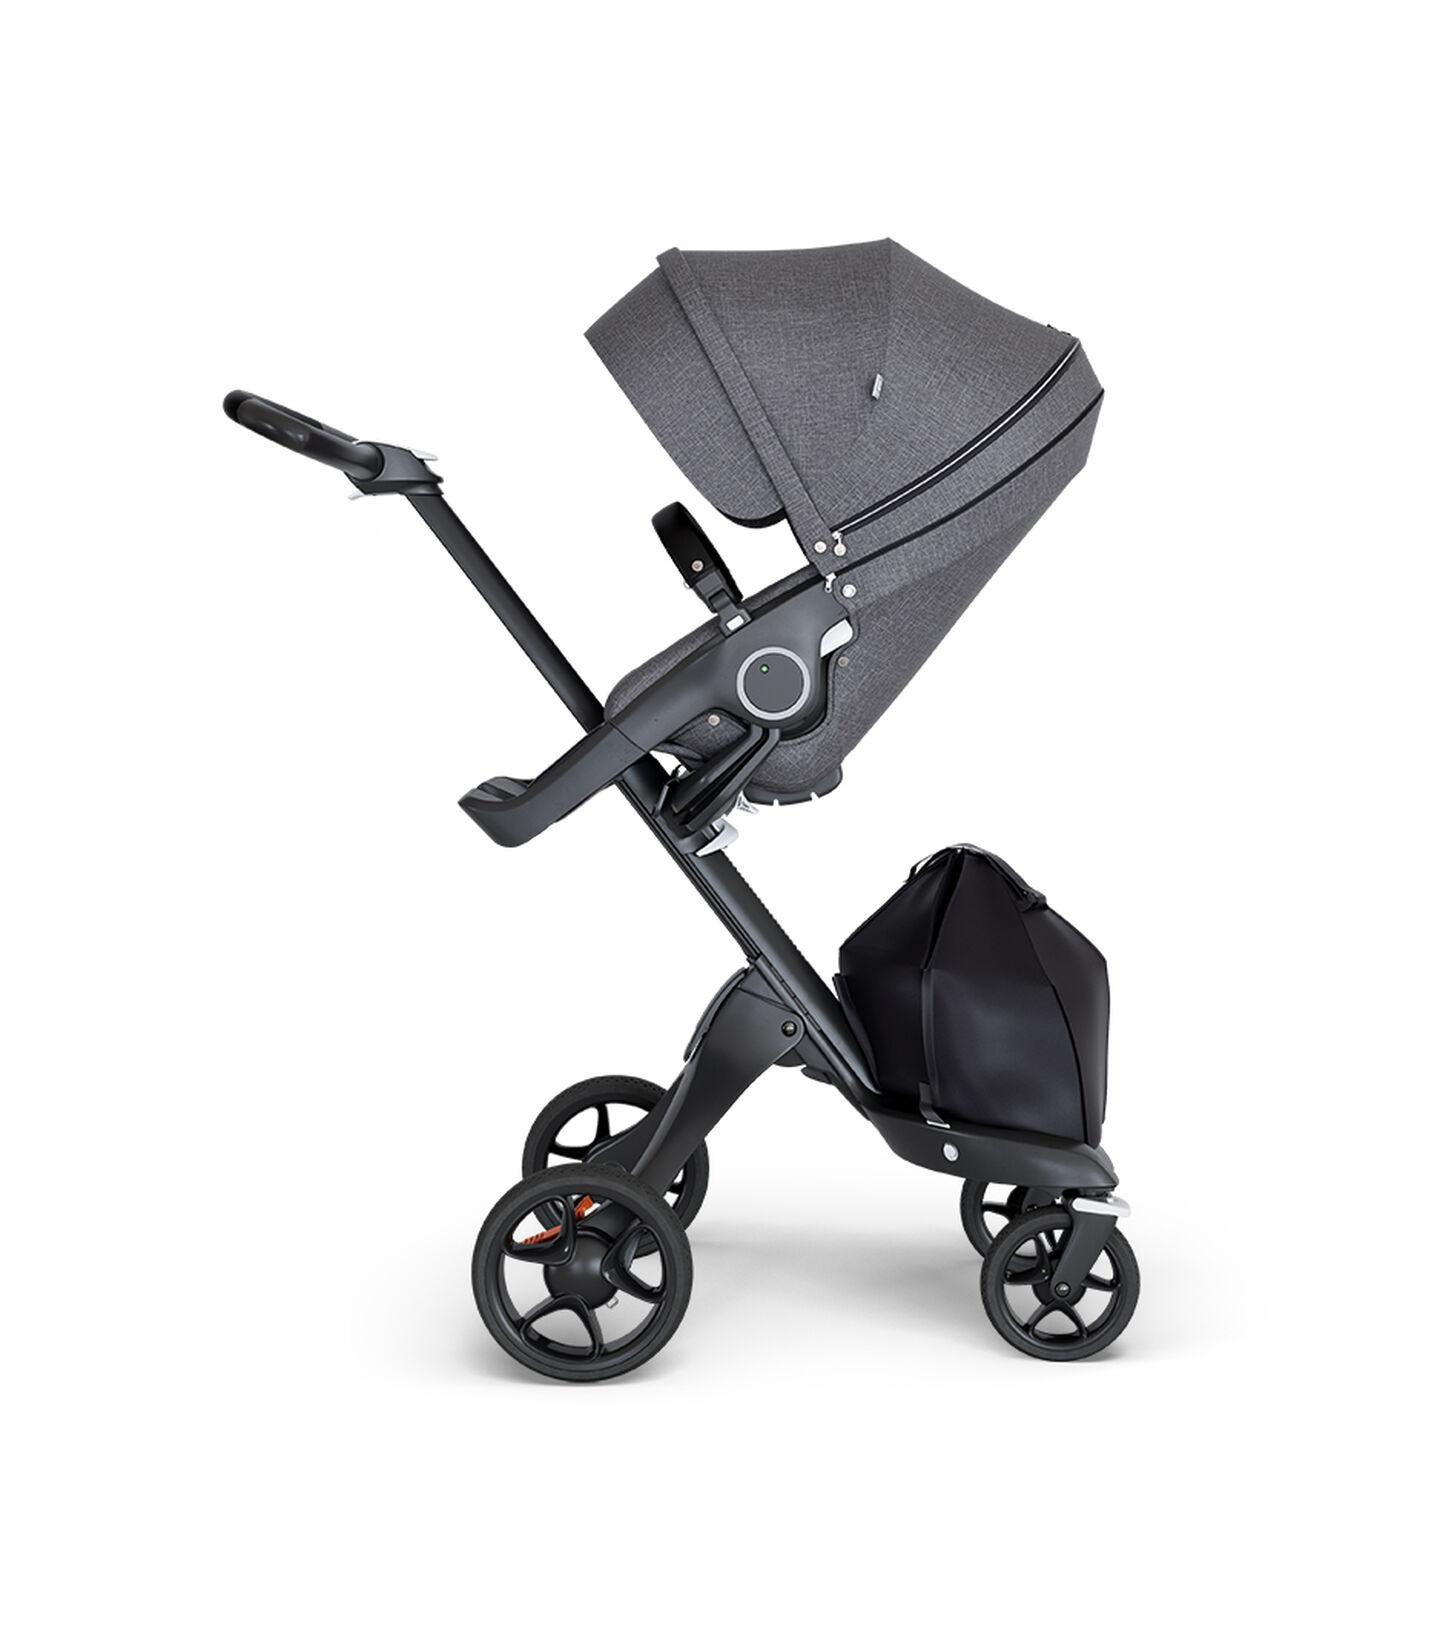 Stokke® Xplory® wtih Black Chassis and Leatherette Black handle. Stokke® Stroller Seat Black Melange.